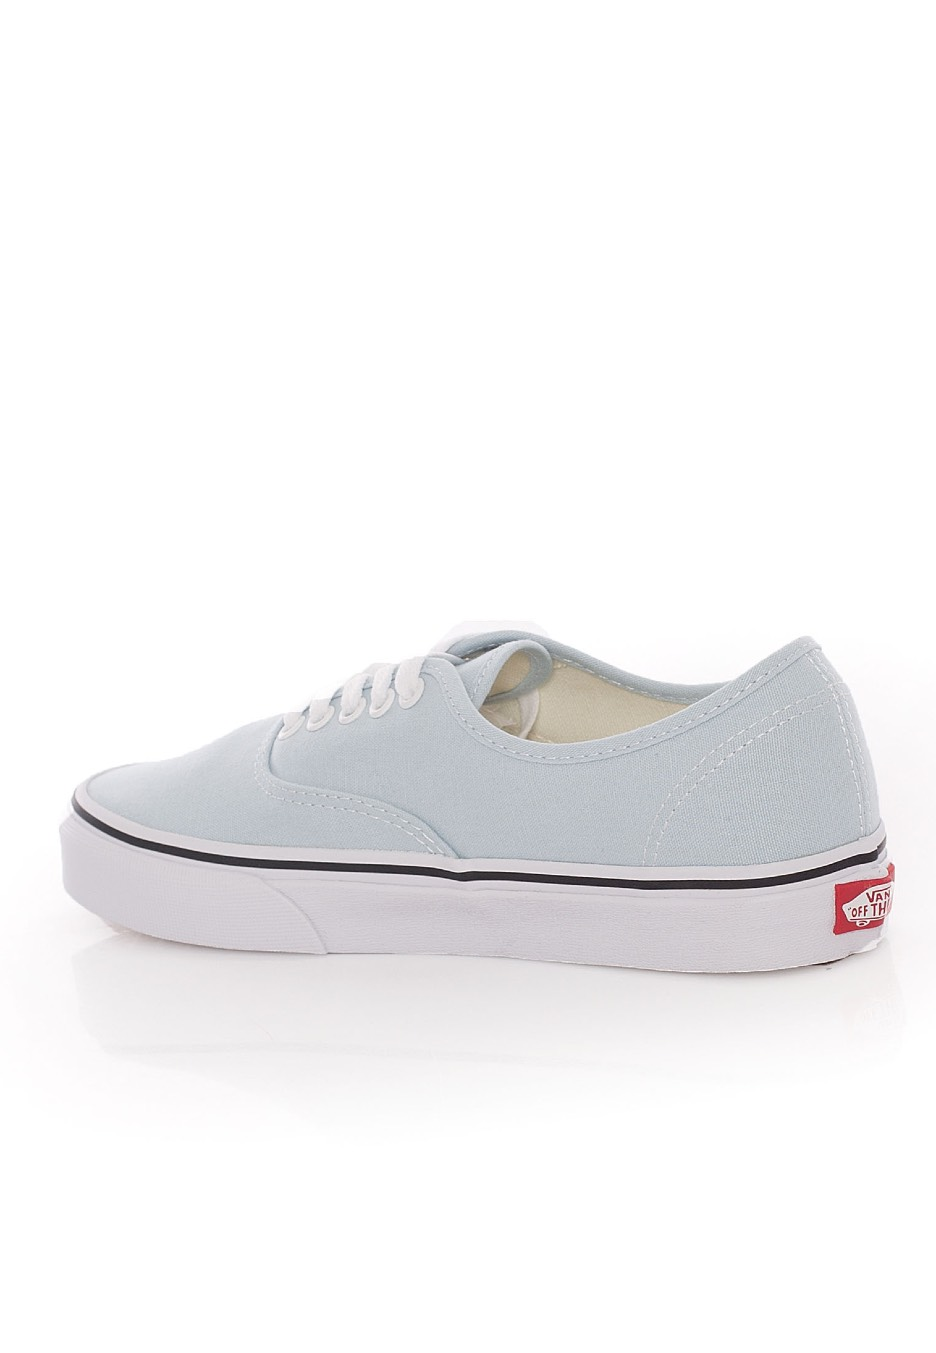 Vans Authentic Baby Blue True White Girl Schuhe Impericon Com De